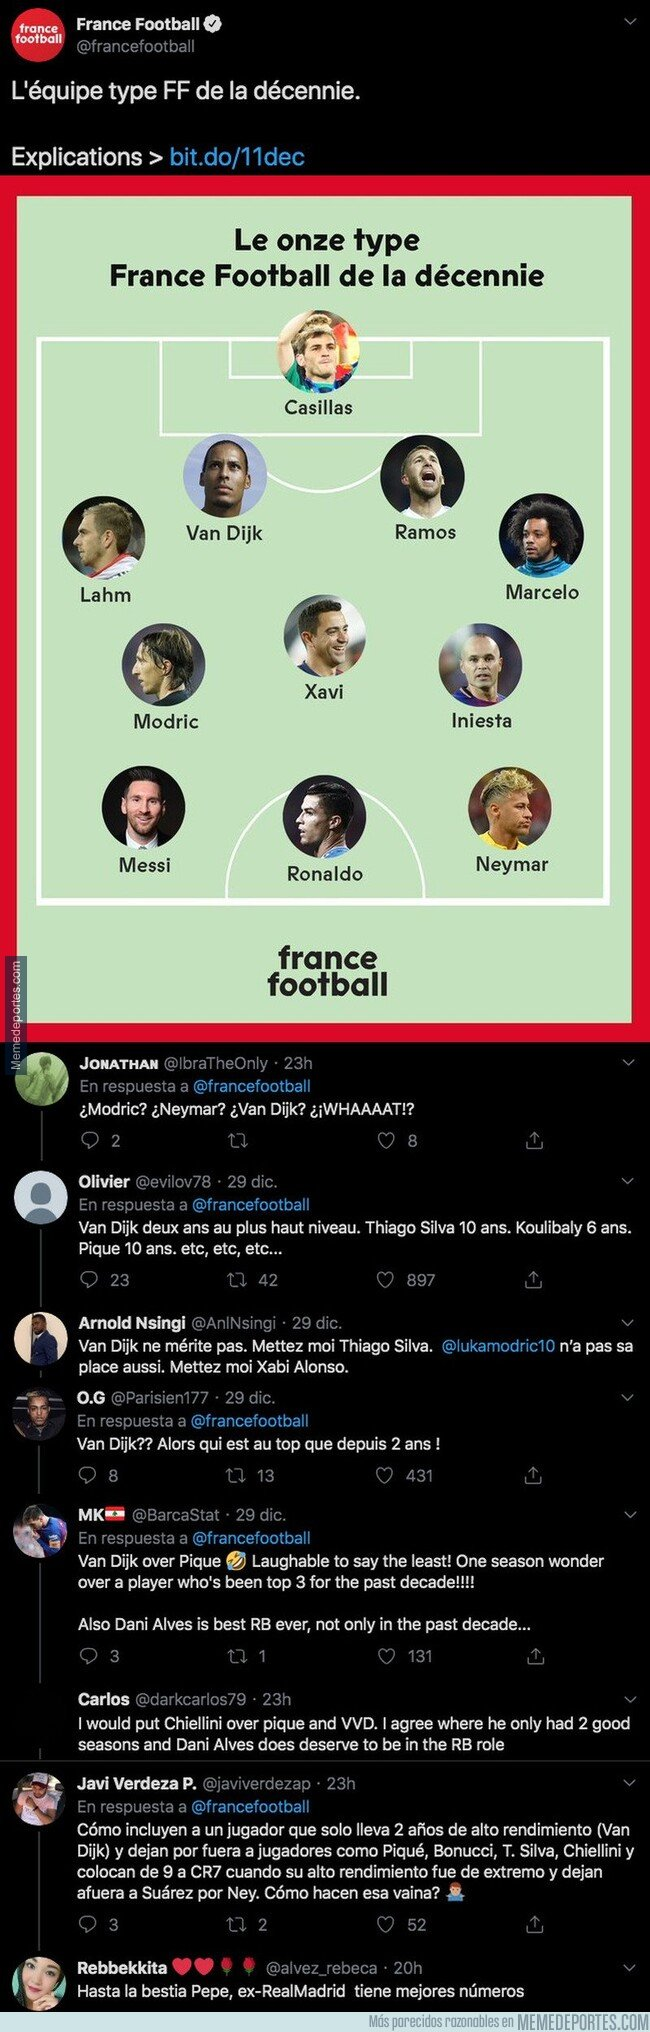 1094699 - Indignación máxima por el jugador que han elegido en el mejor XI de la década en 'France Football'